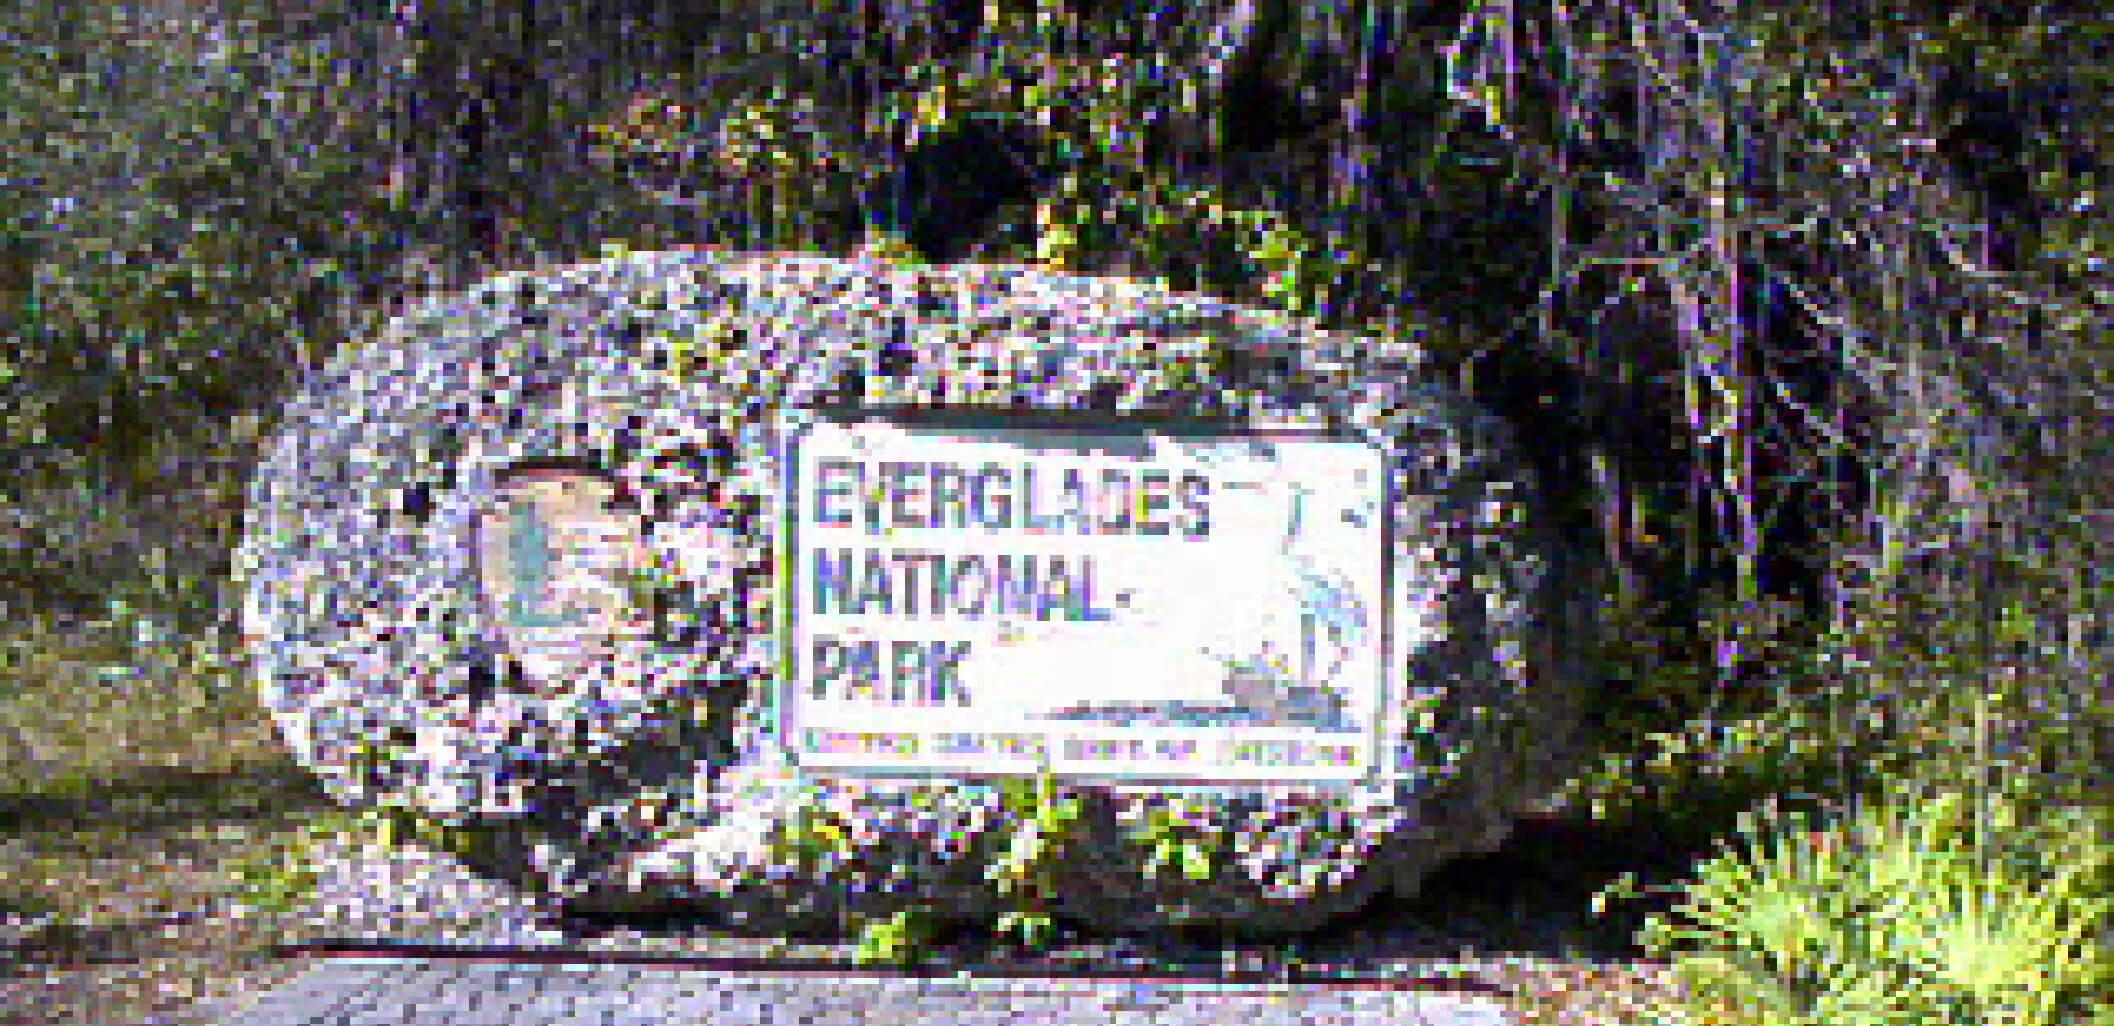 エバーグレイズ国立公園